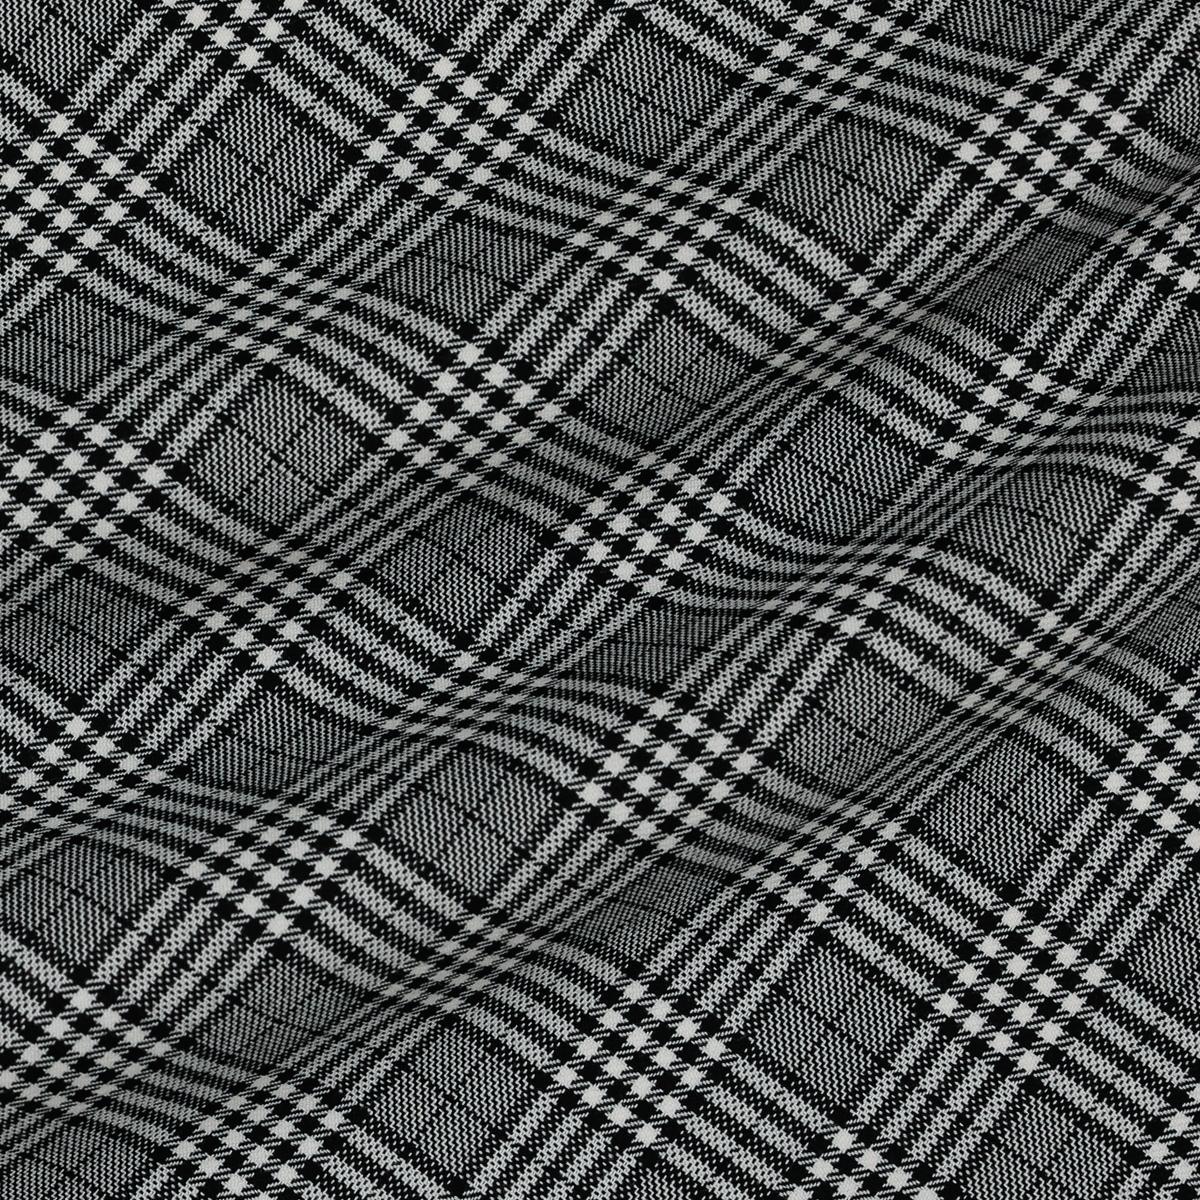 Шерстяная костюмная ткань в чёрно-белую клетку в четыре линии